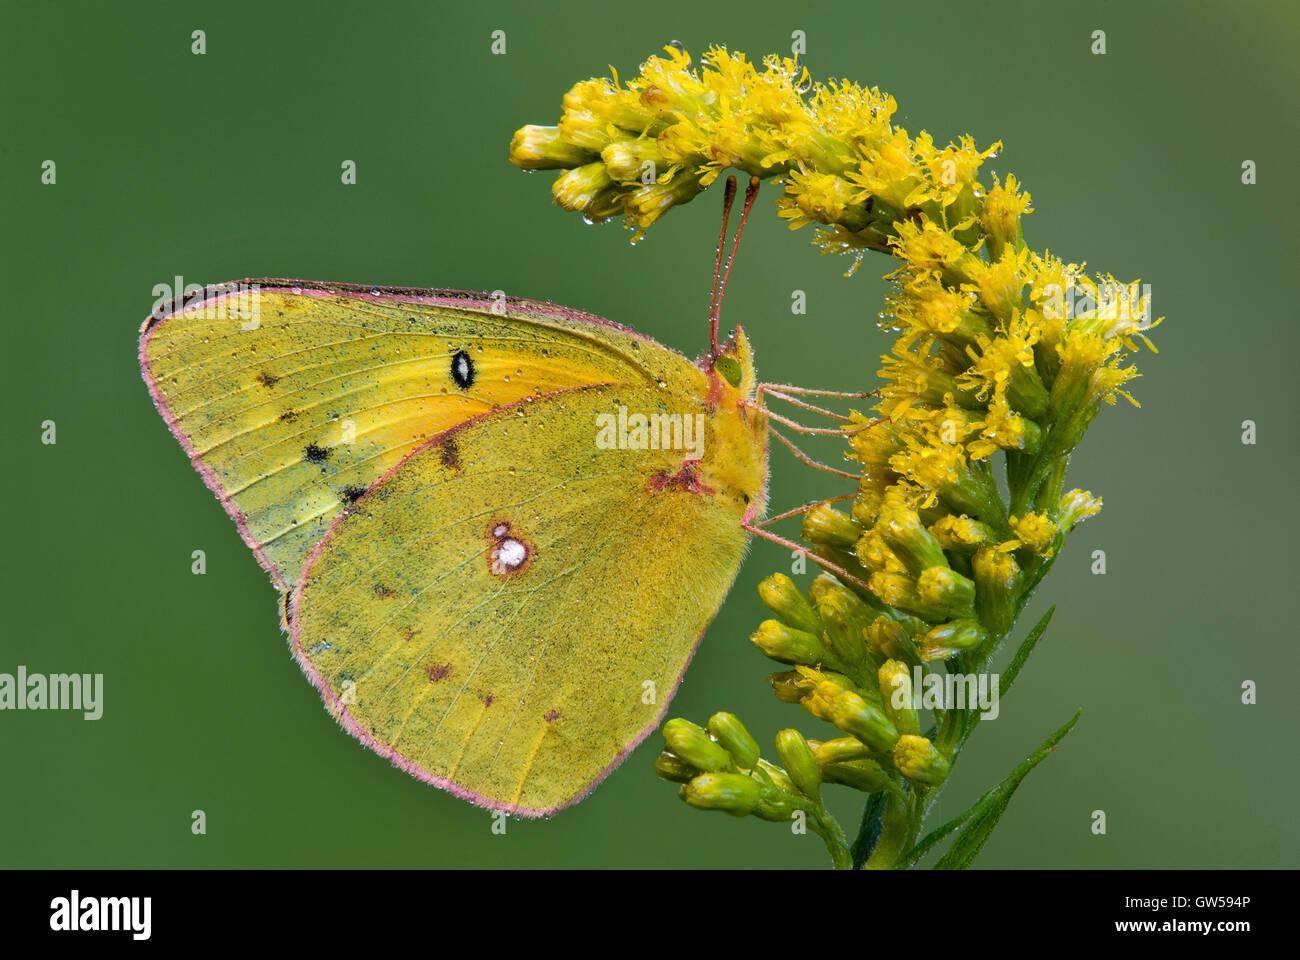 Getrübte Schwefel Schmetterling Colias Philodice Fütterung auf Goldrute (Solidago-Arten) Blumen, Michigan USA Stockfoto